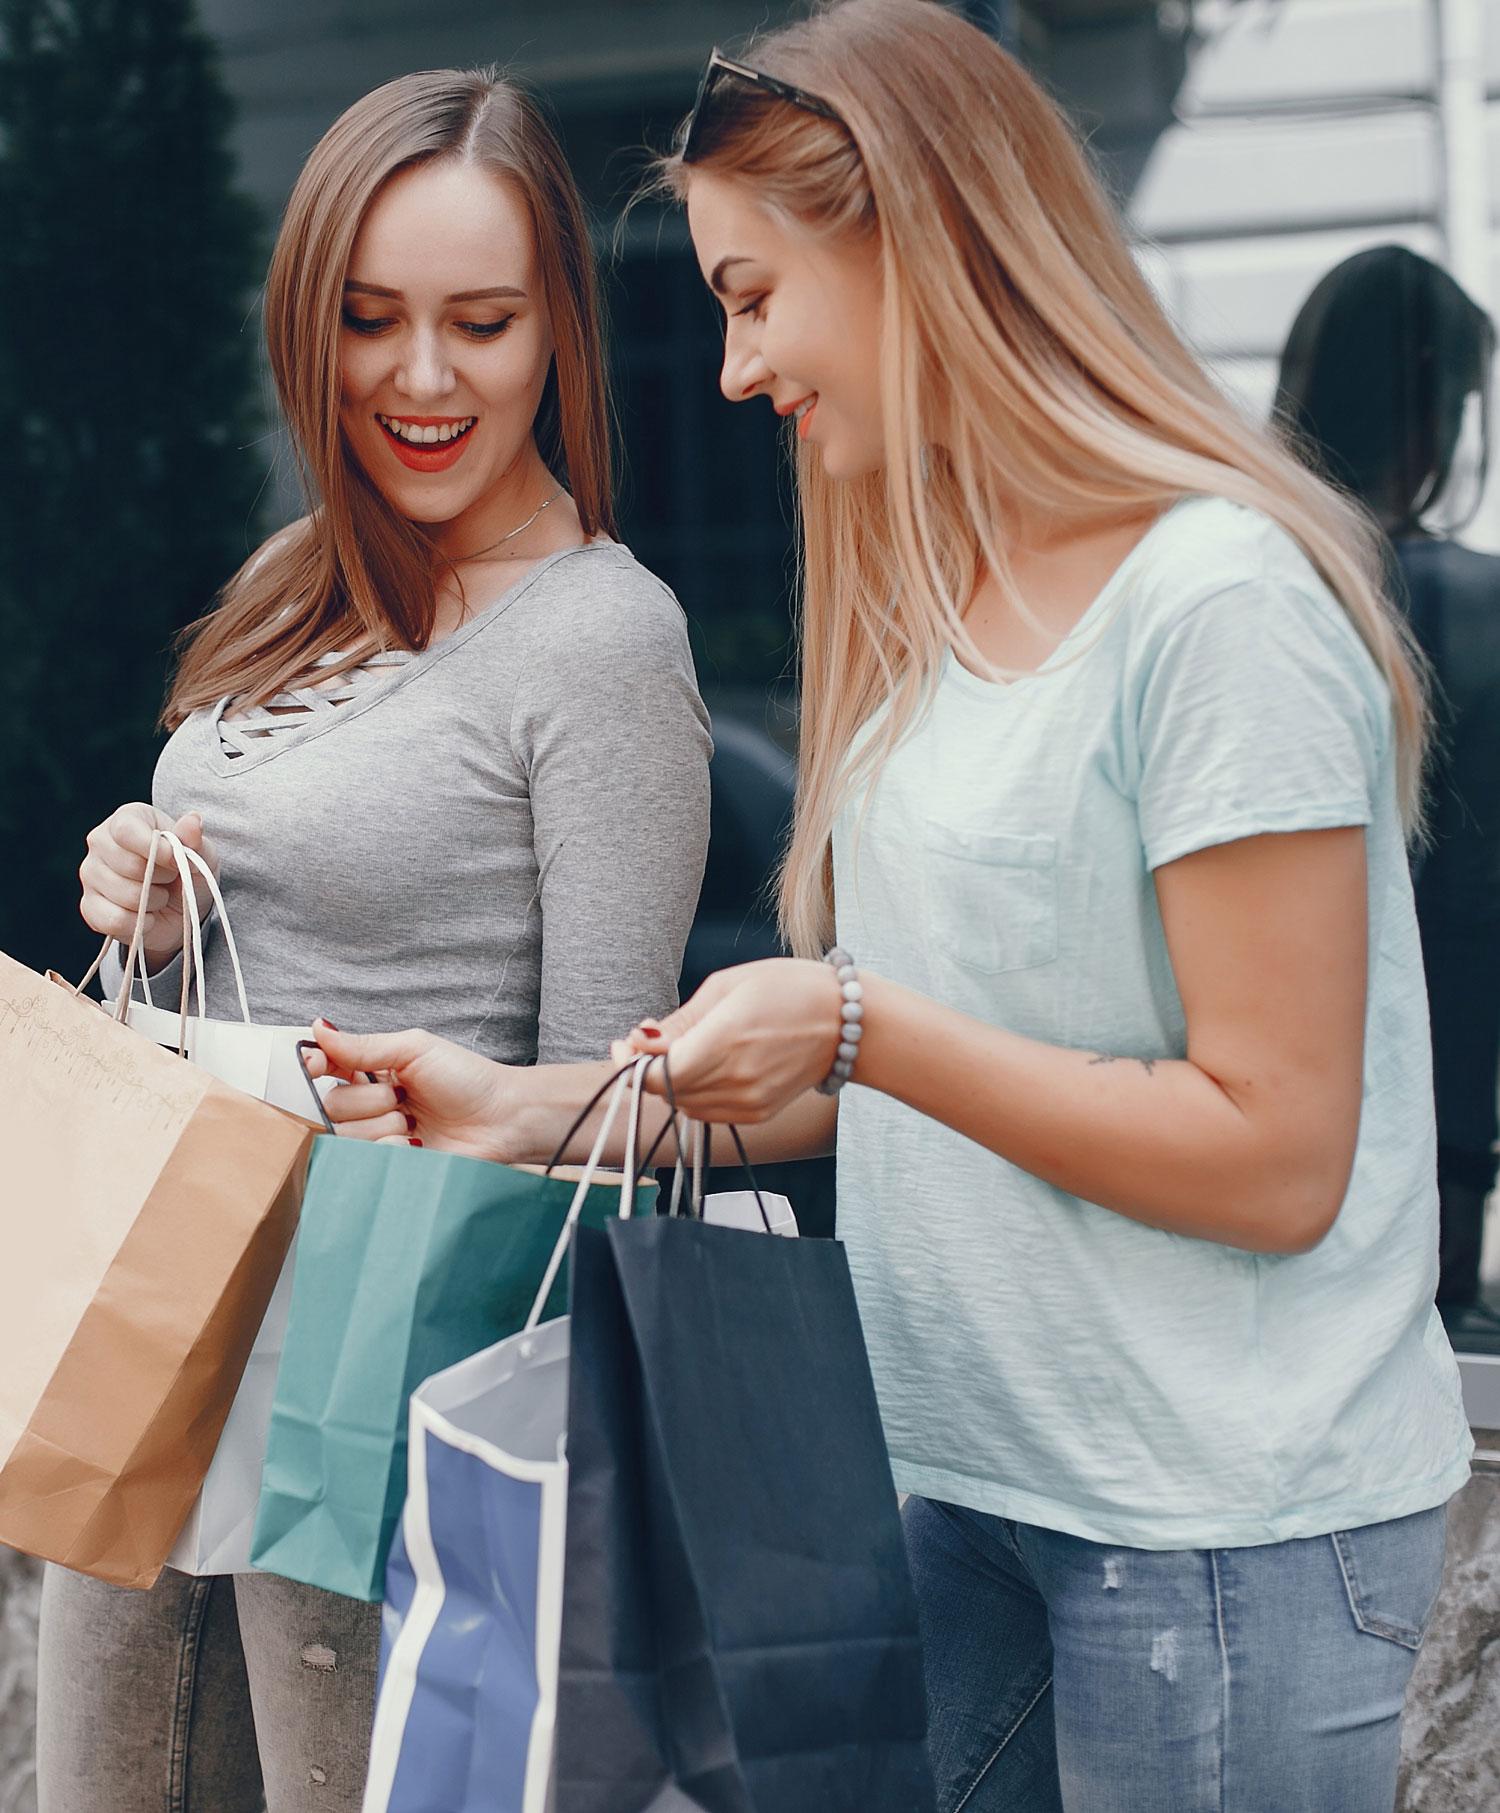 Innatos Servicios- software services - 2 muchachas con bolas de compras